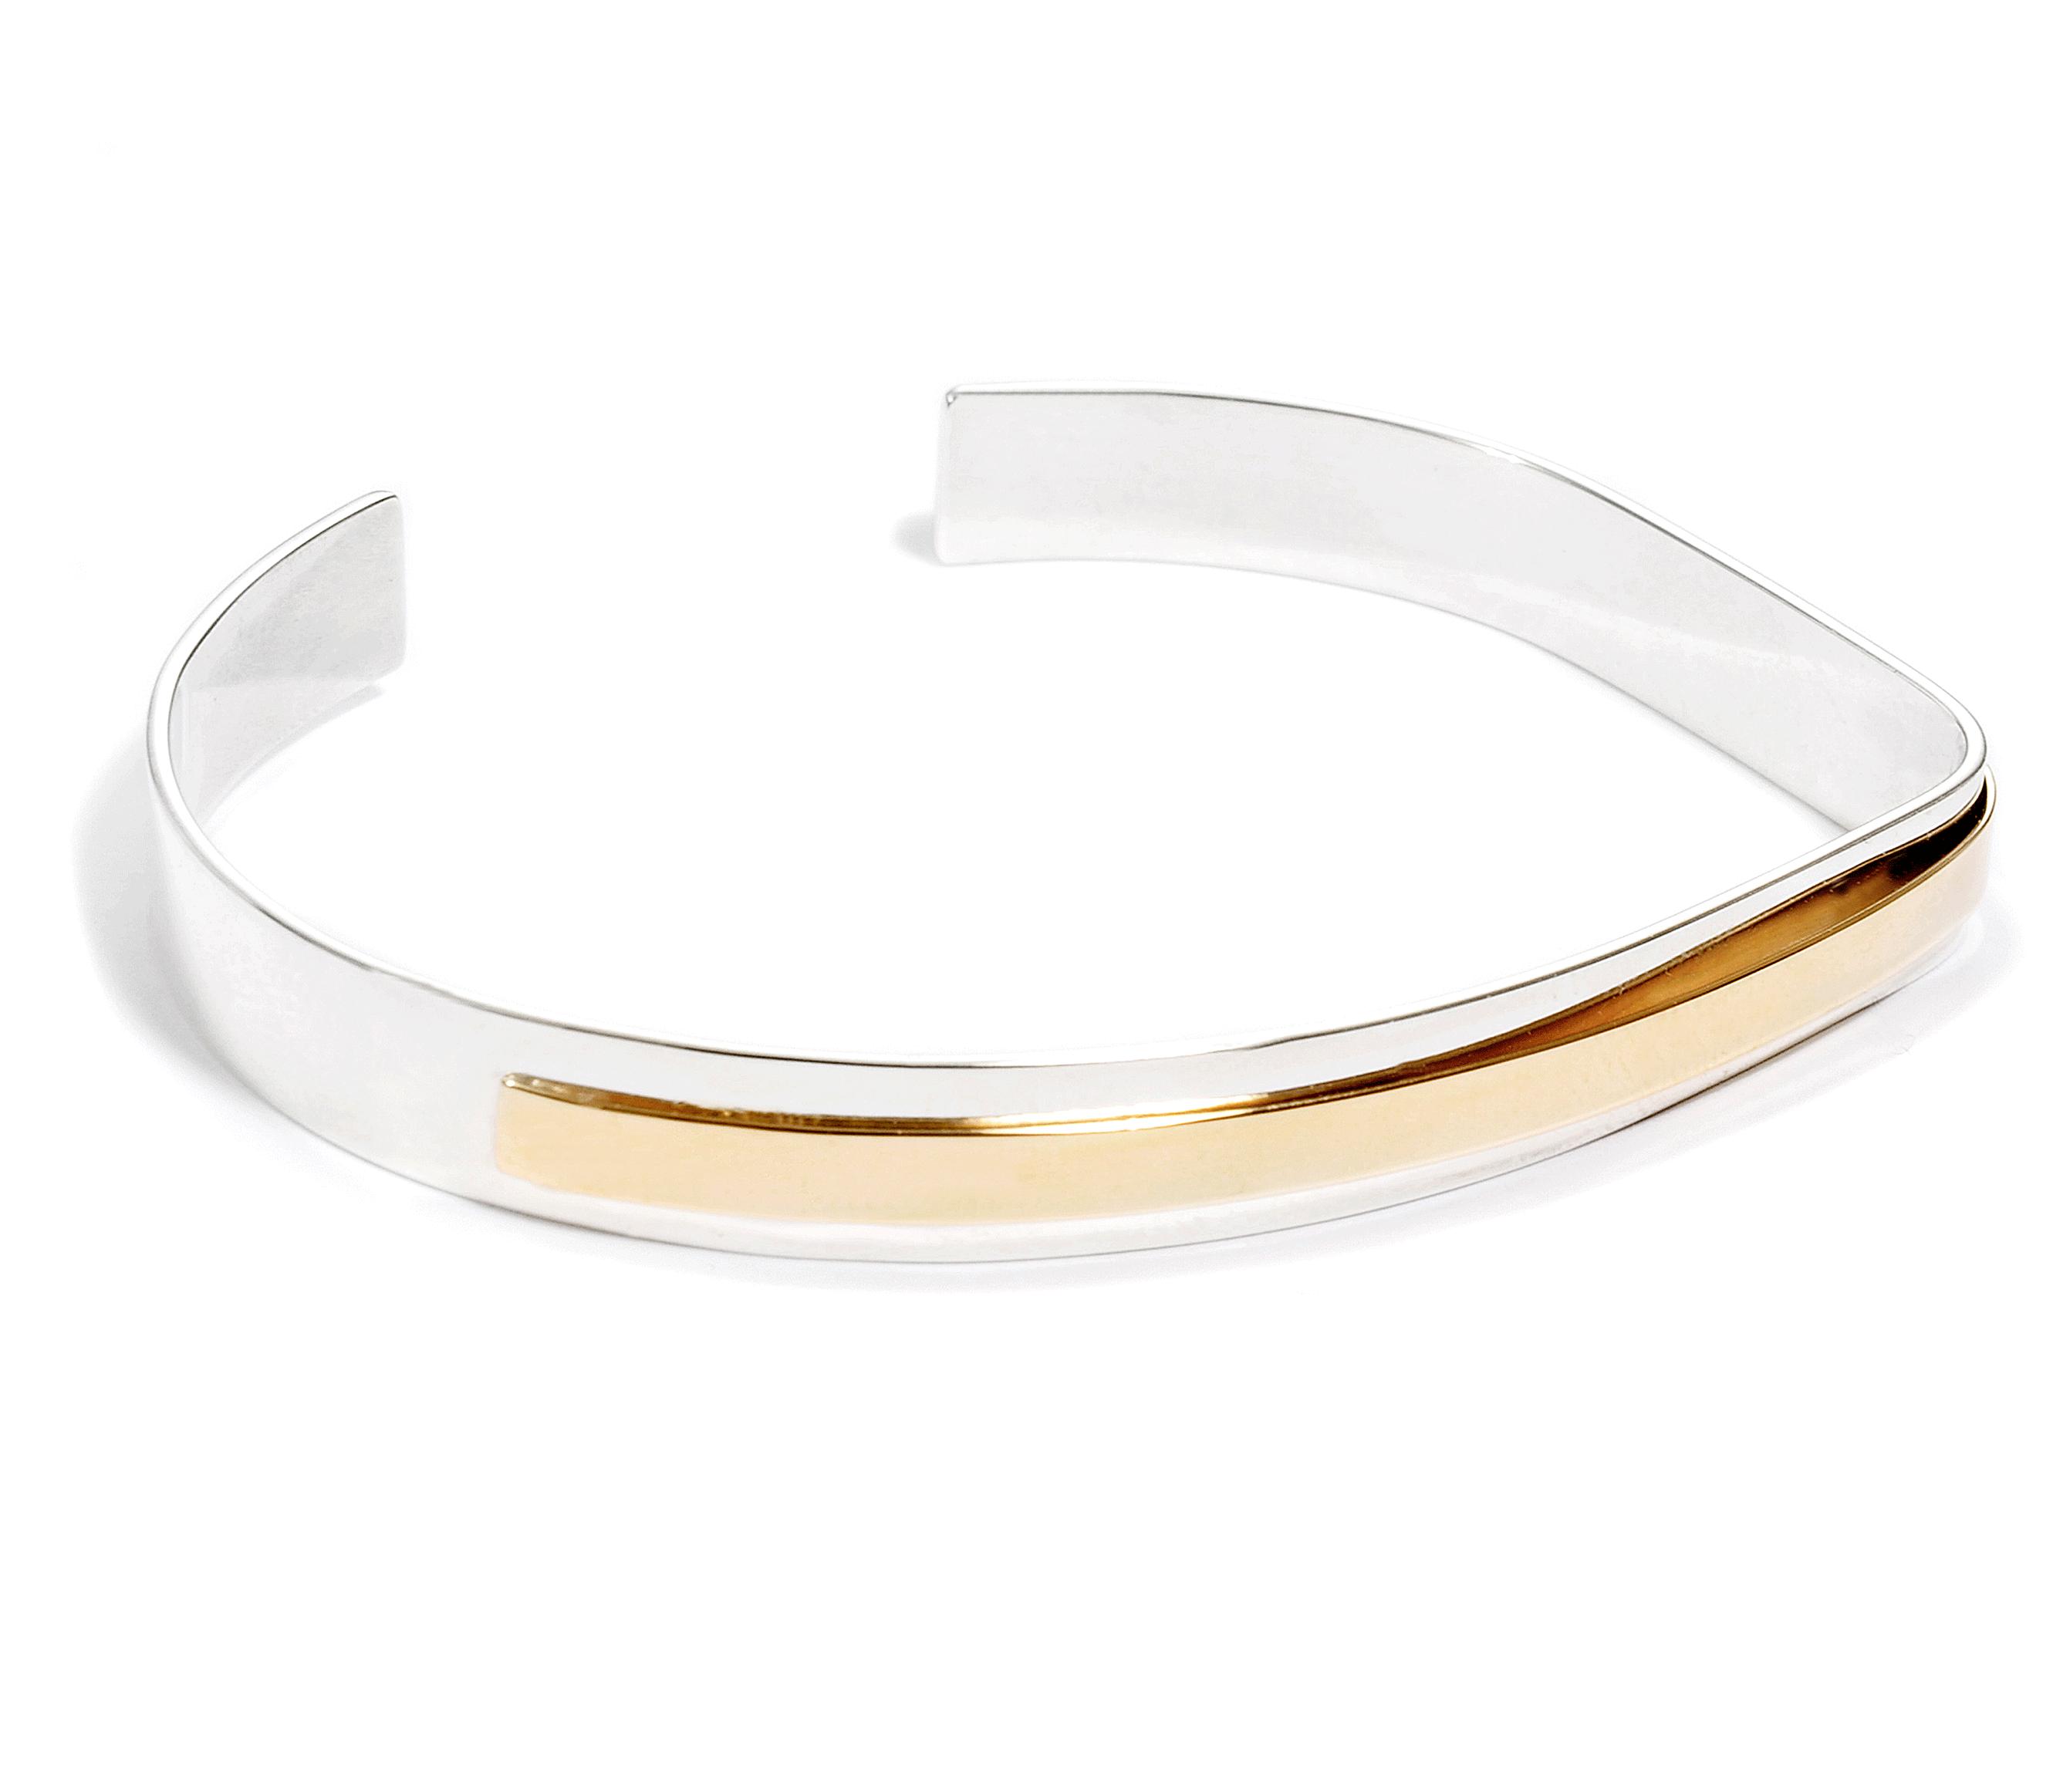 Adeline Cacheux Jewelry Design Jonc argent